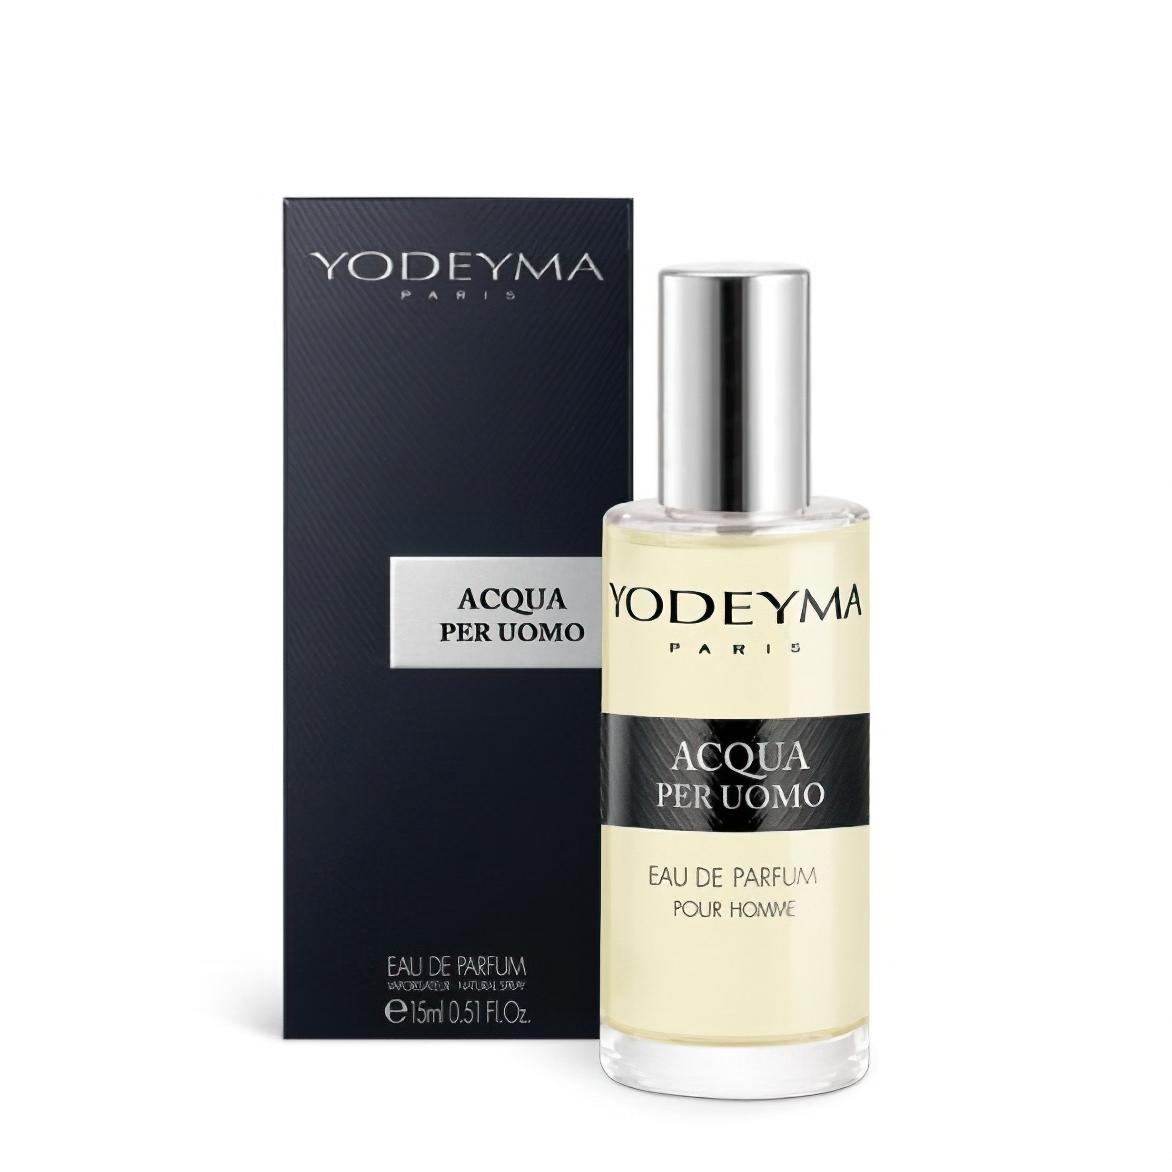 Yodeyma pánský parfém ACQUA PER UOMO Eau de Parfum, chyprová – svěží, 15m